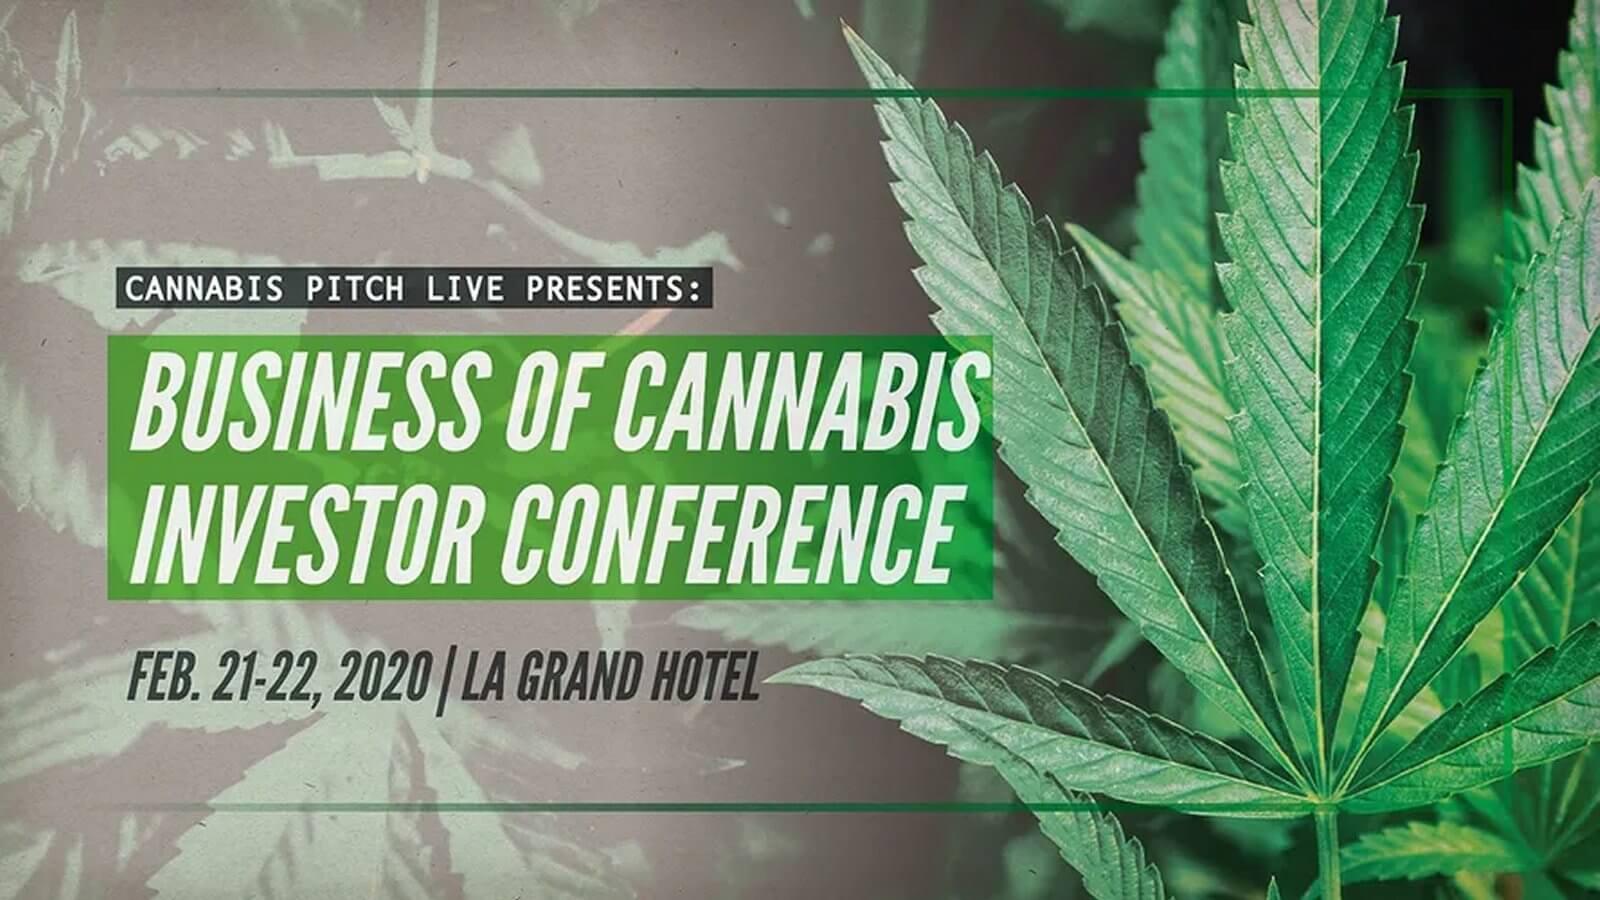 Raise Capital for Cannabis Business